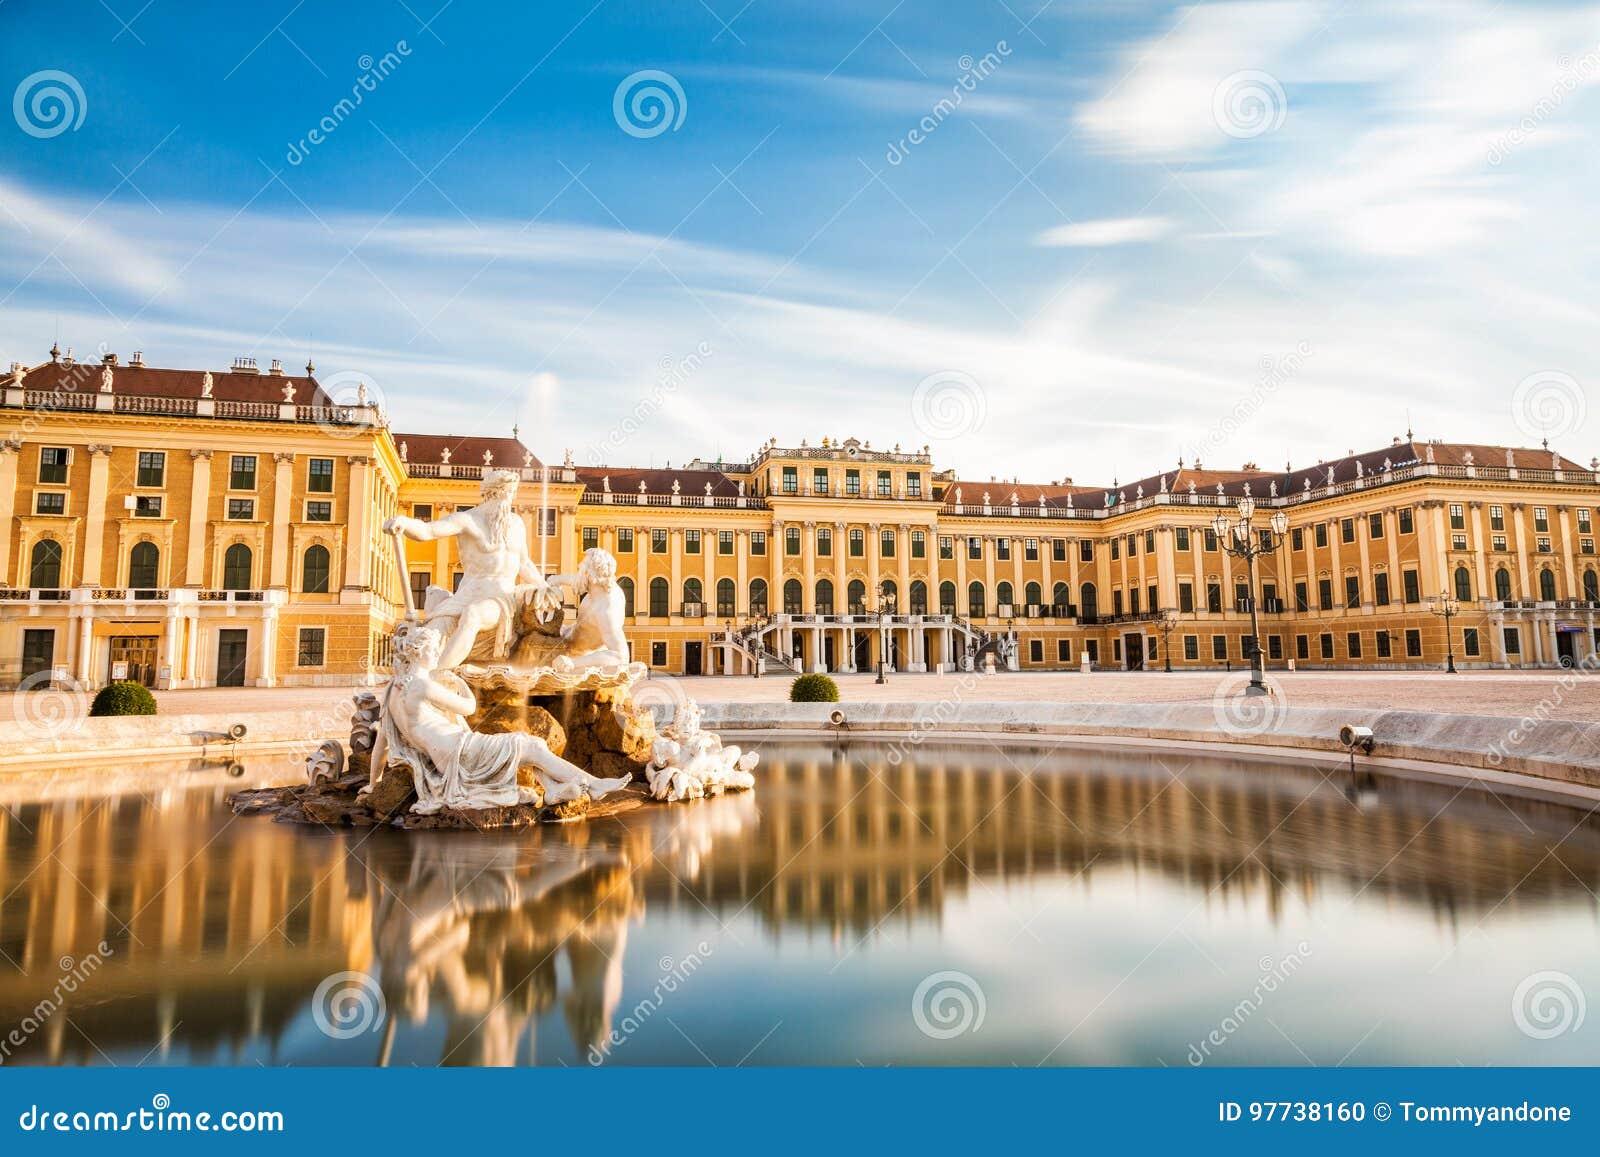 Palais de Schonbrunn à Vienne, Autriche